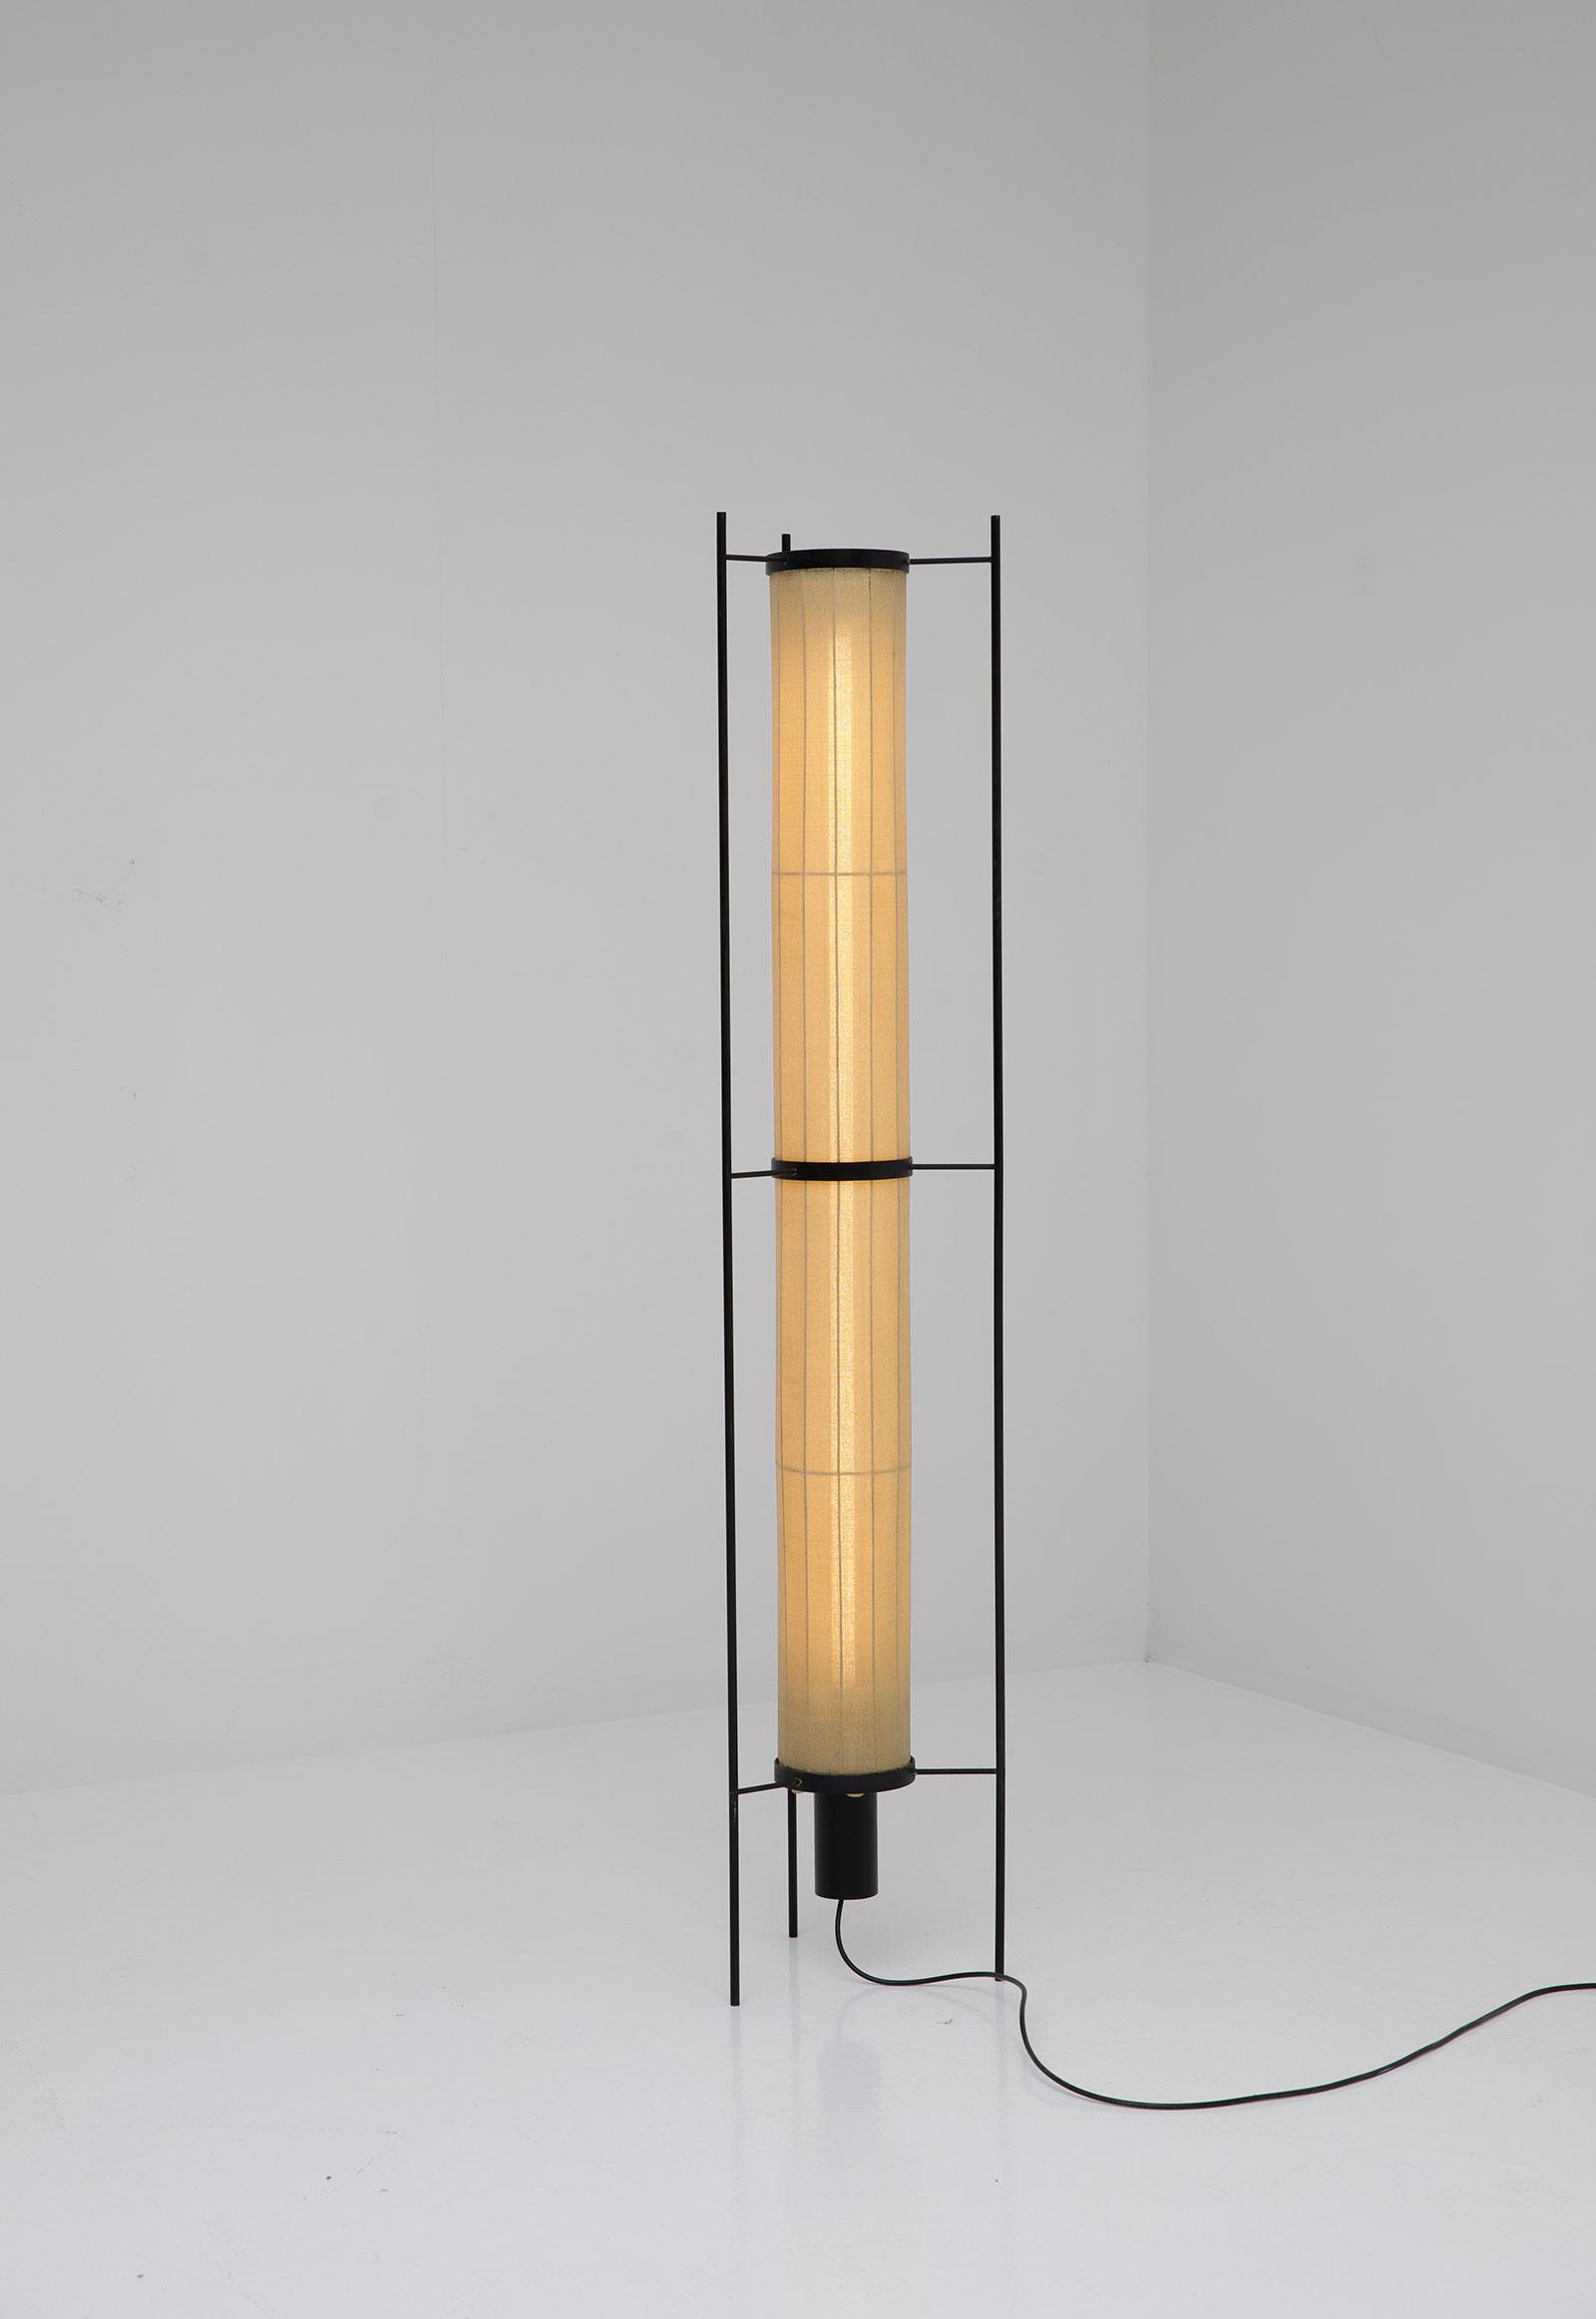 kho liang lee floor lamp k46image 1